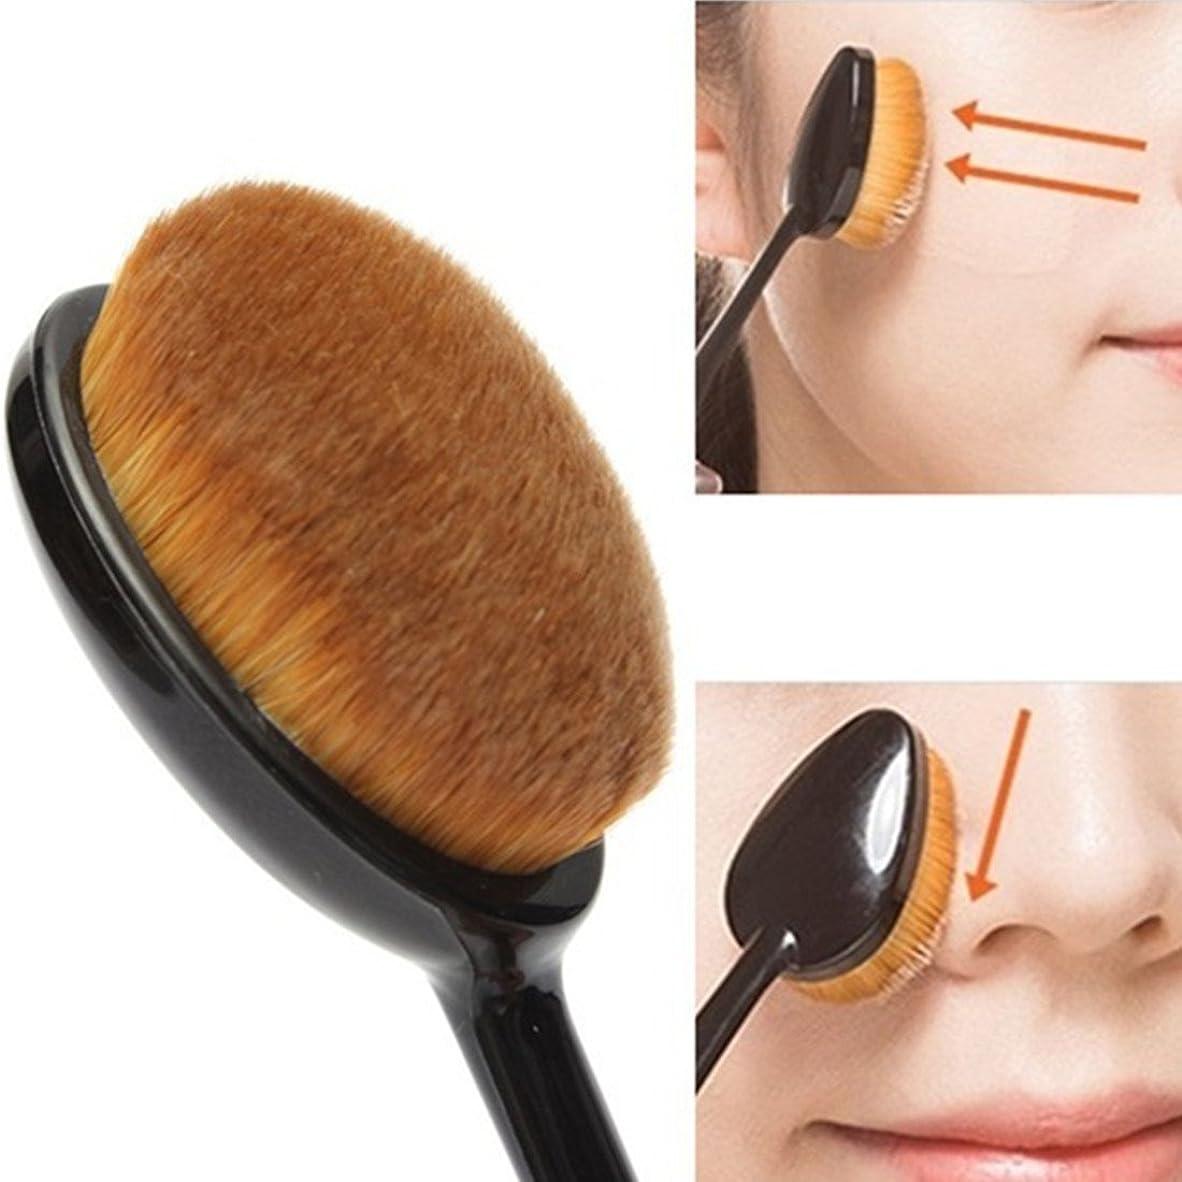 過ち森林吹きさらしVmakers ファンデーションブラシ 人工毛歯 プラシ型 凸凹型 化粧工具 一本 (歯ブラシ) 女性用 触り気持ちがよい